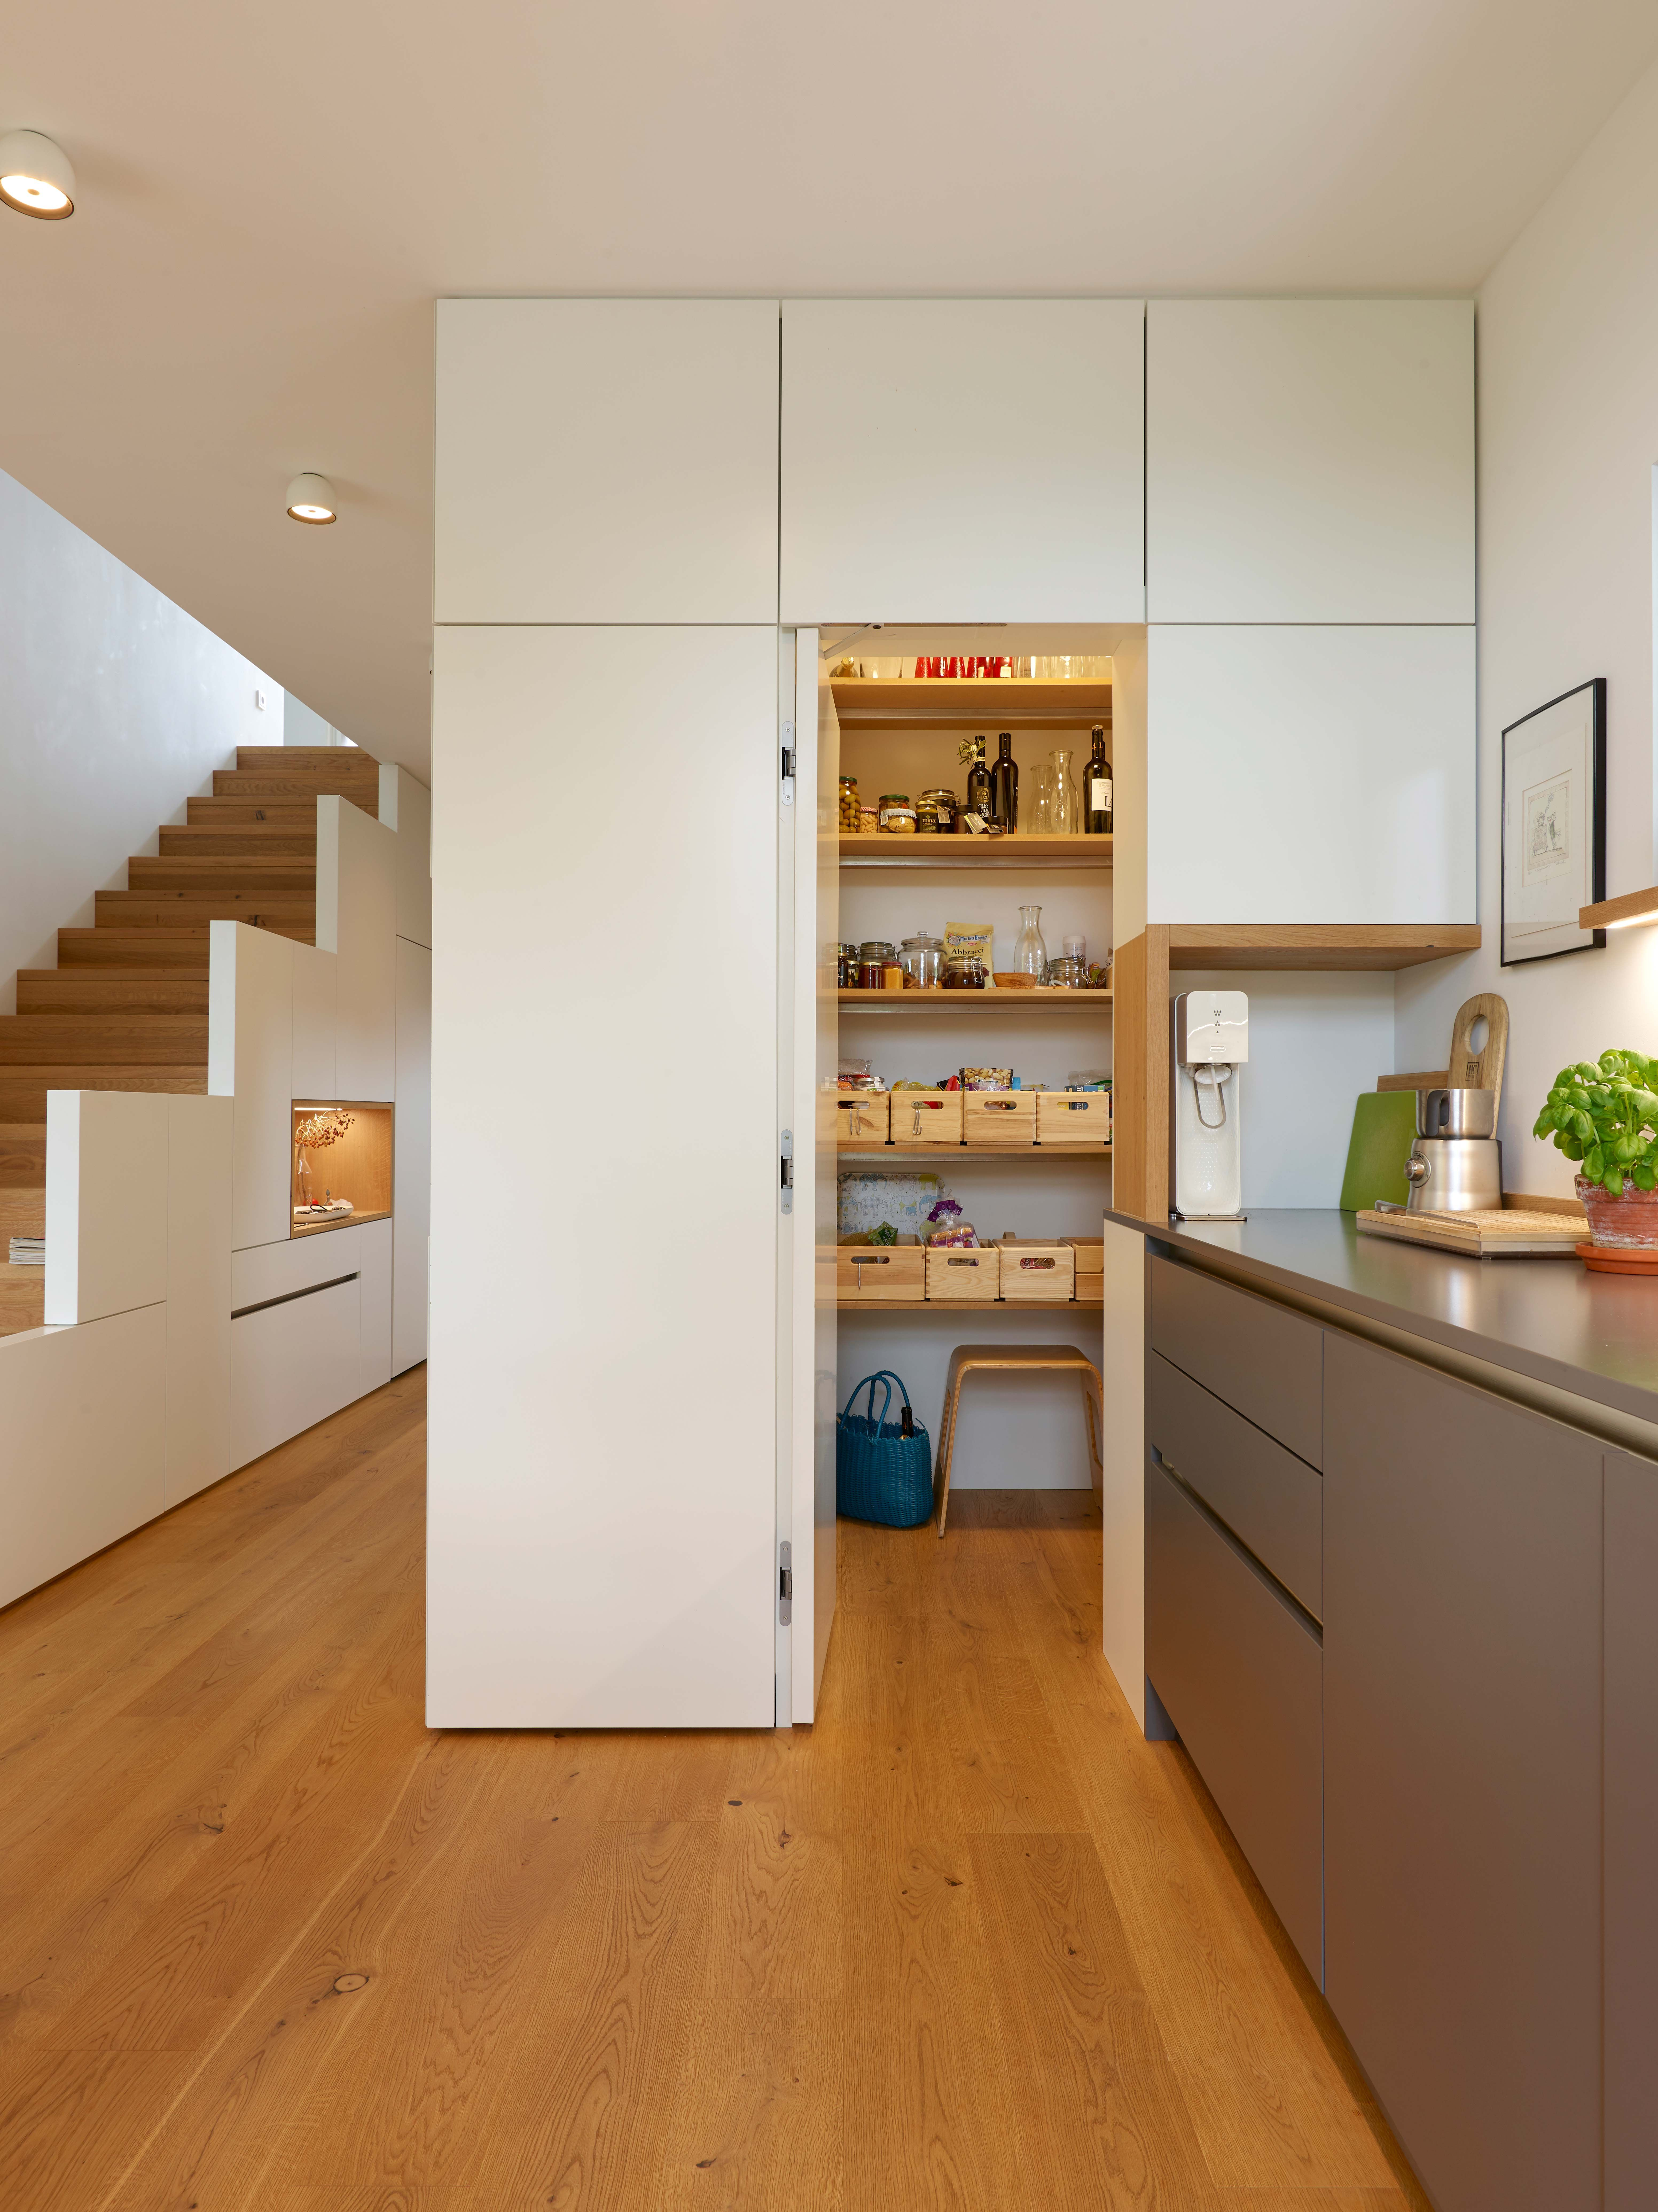 Inneneinrichtung – Küchenkubus